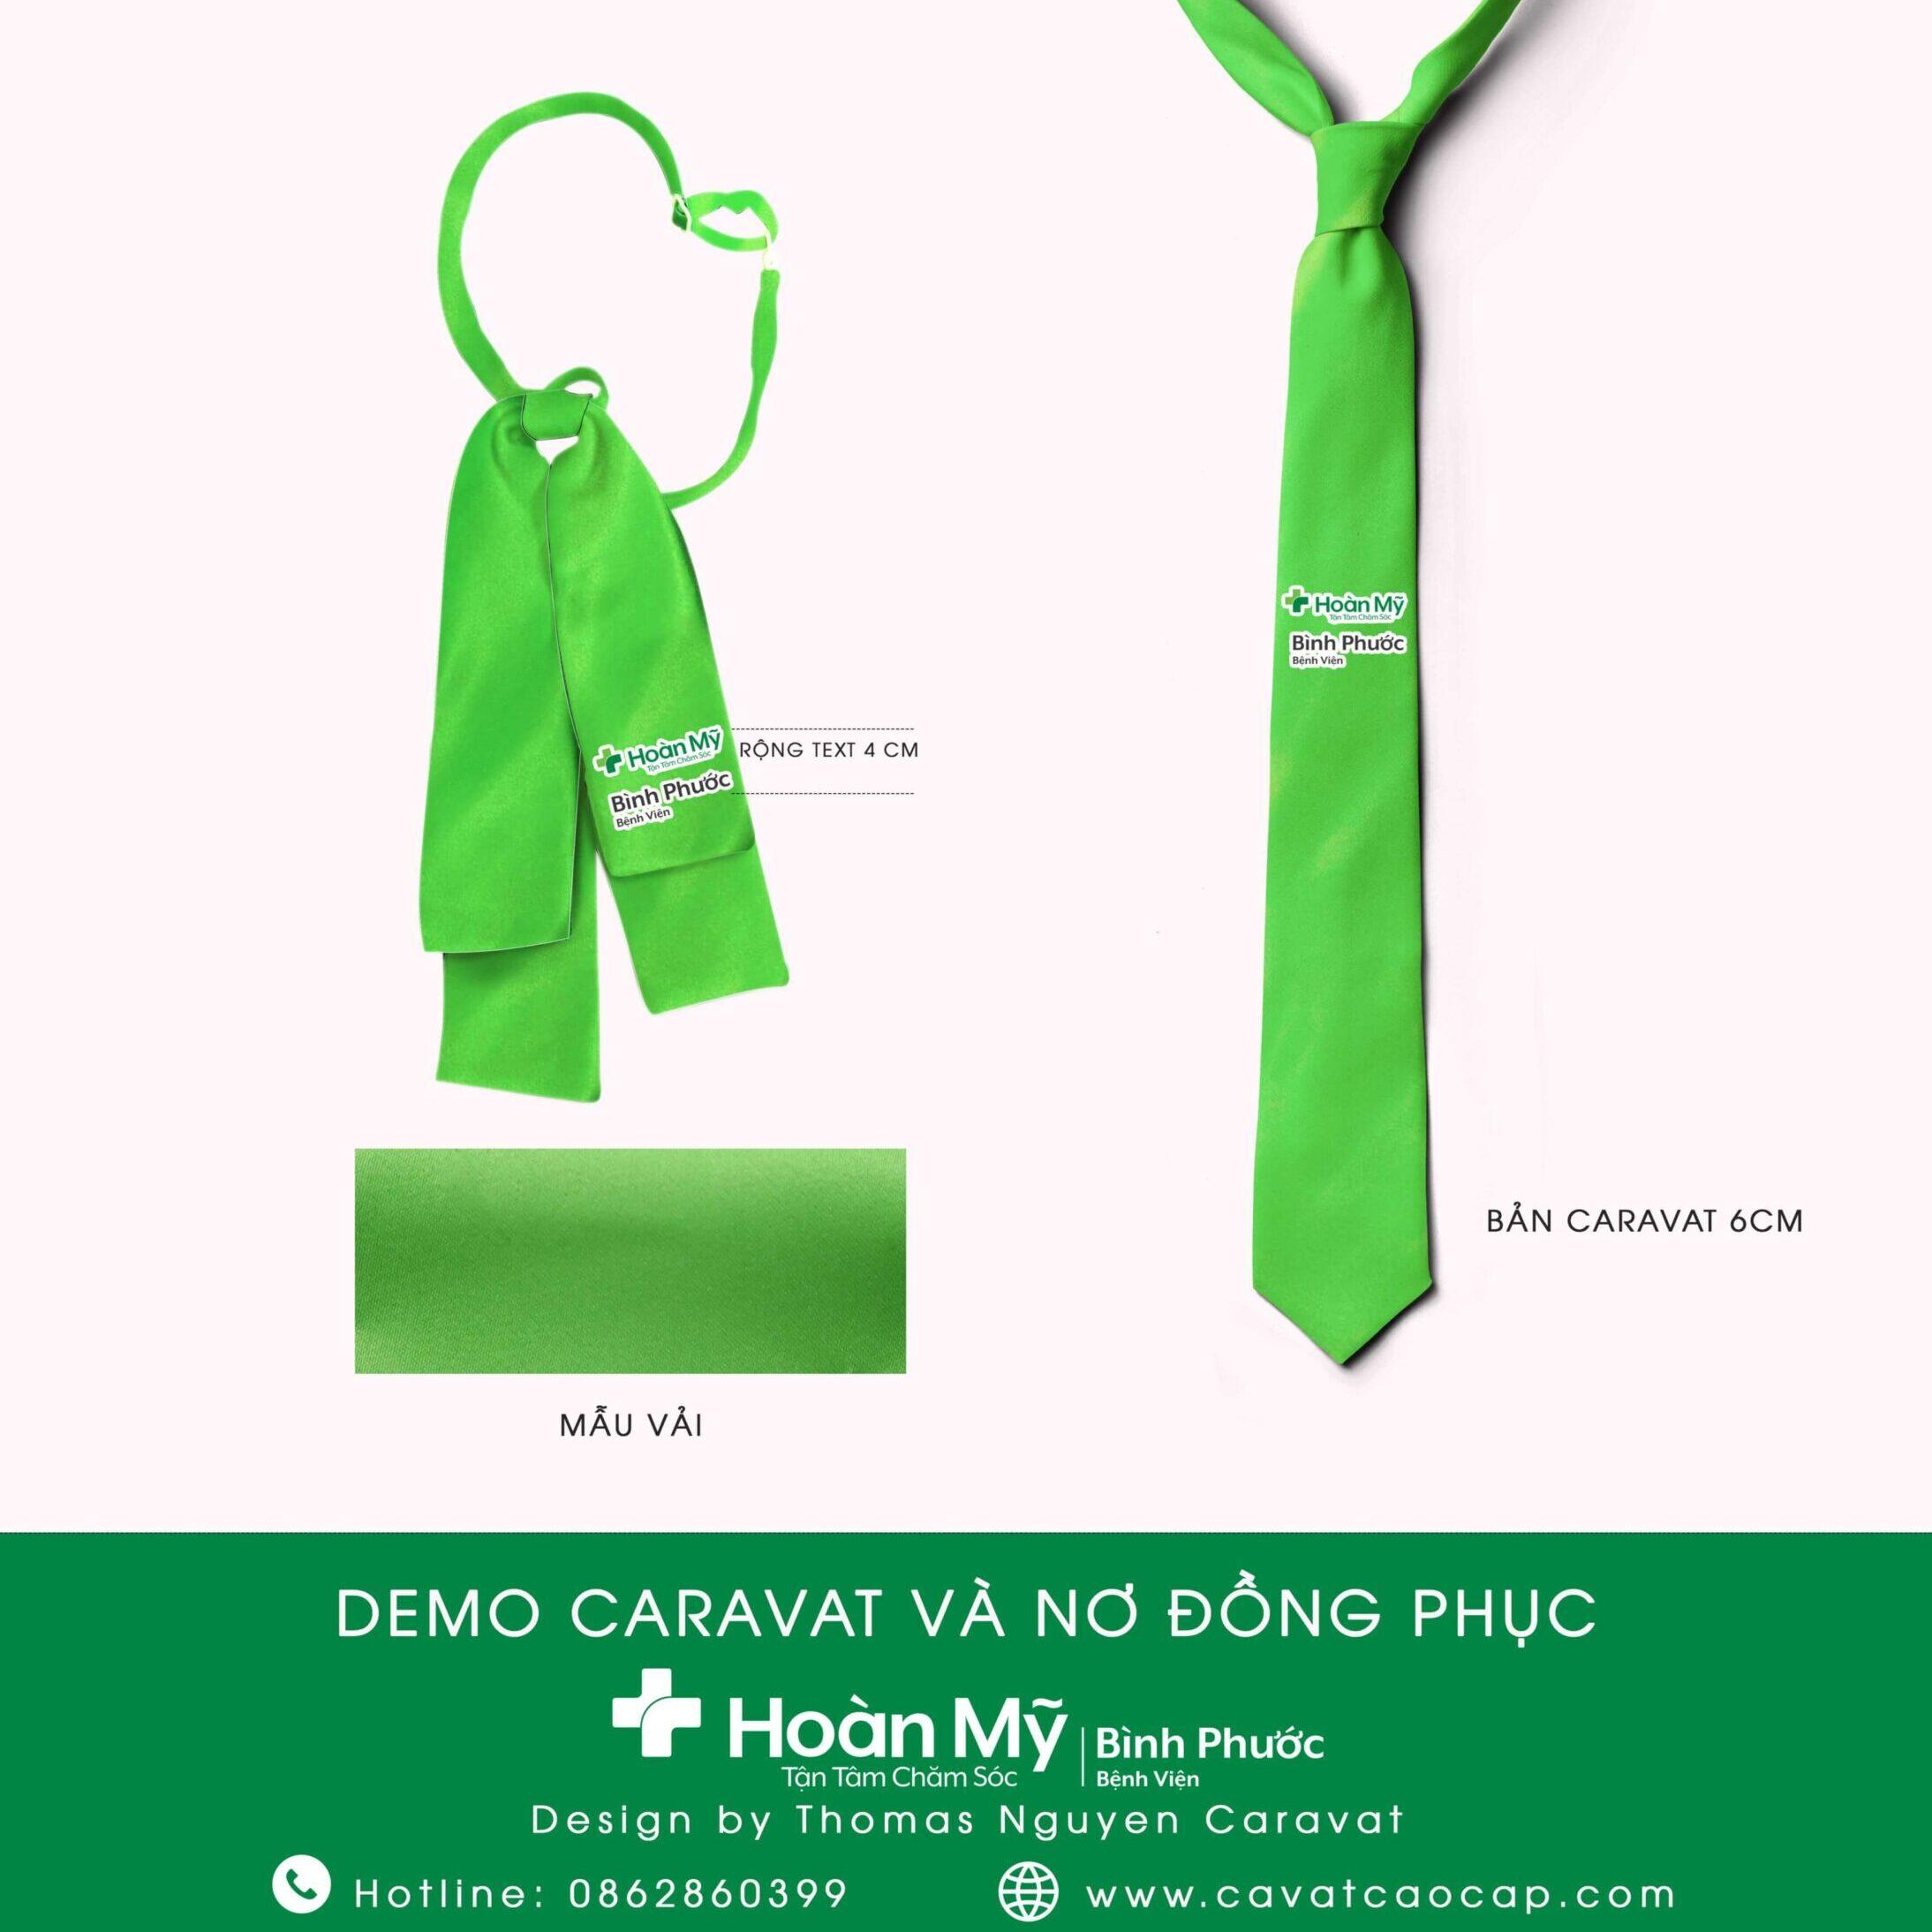 nơ đồng phục Bệnh viện Hoàn Mỹ Bình Phước